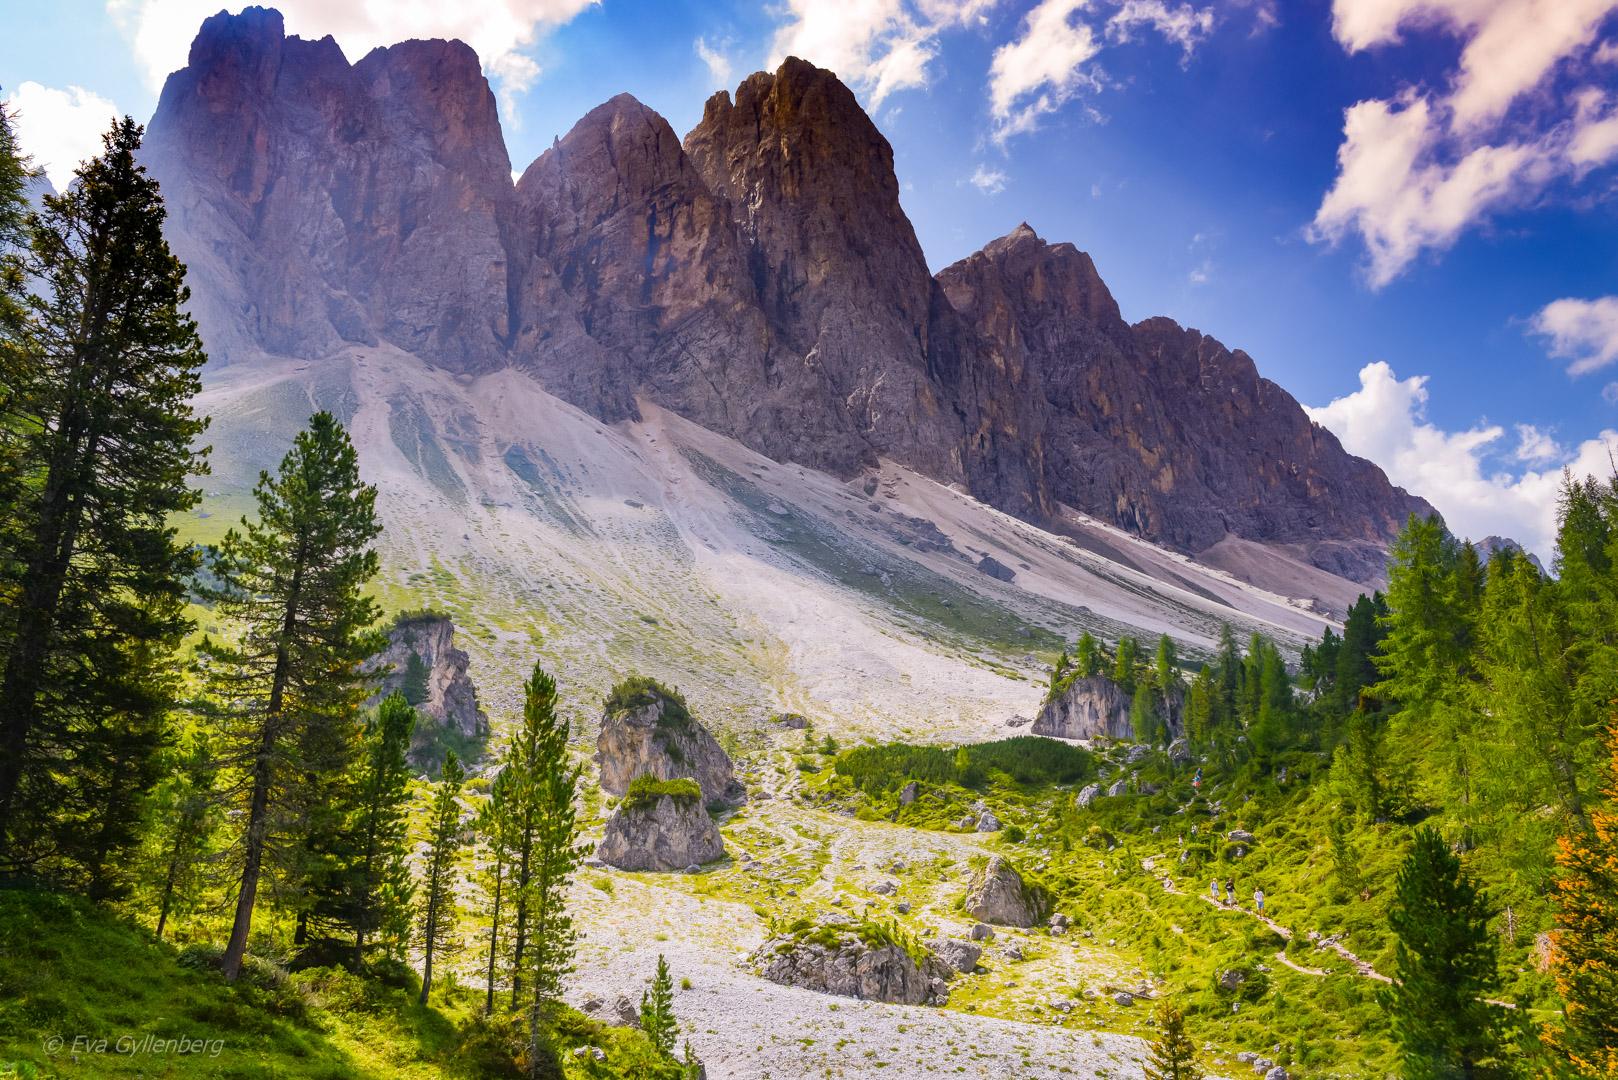 Vandring i Dolomiterna – Val di Funes